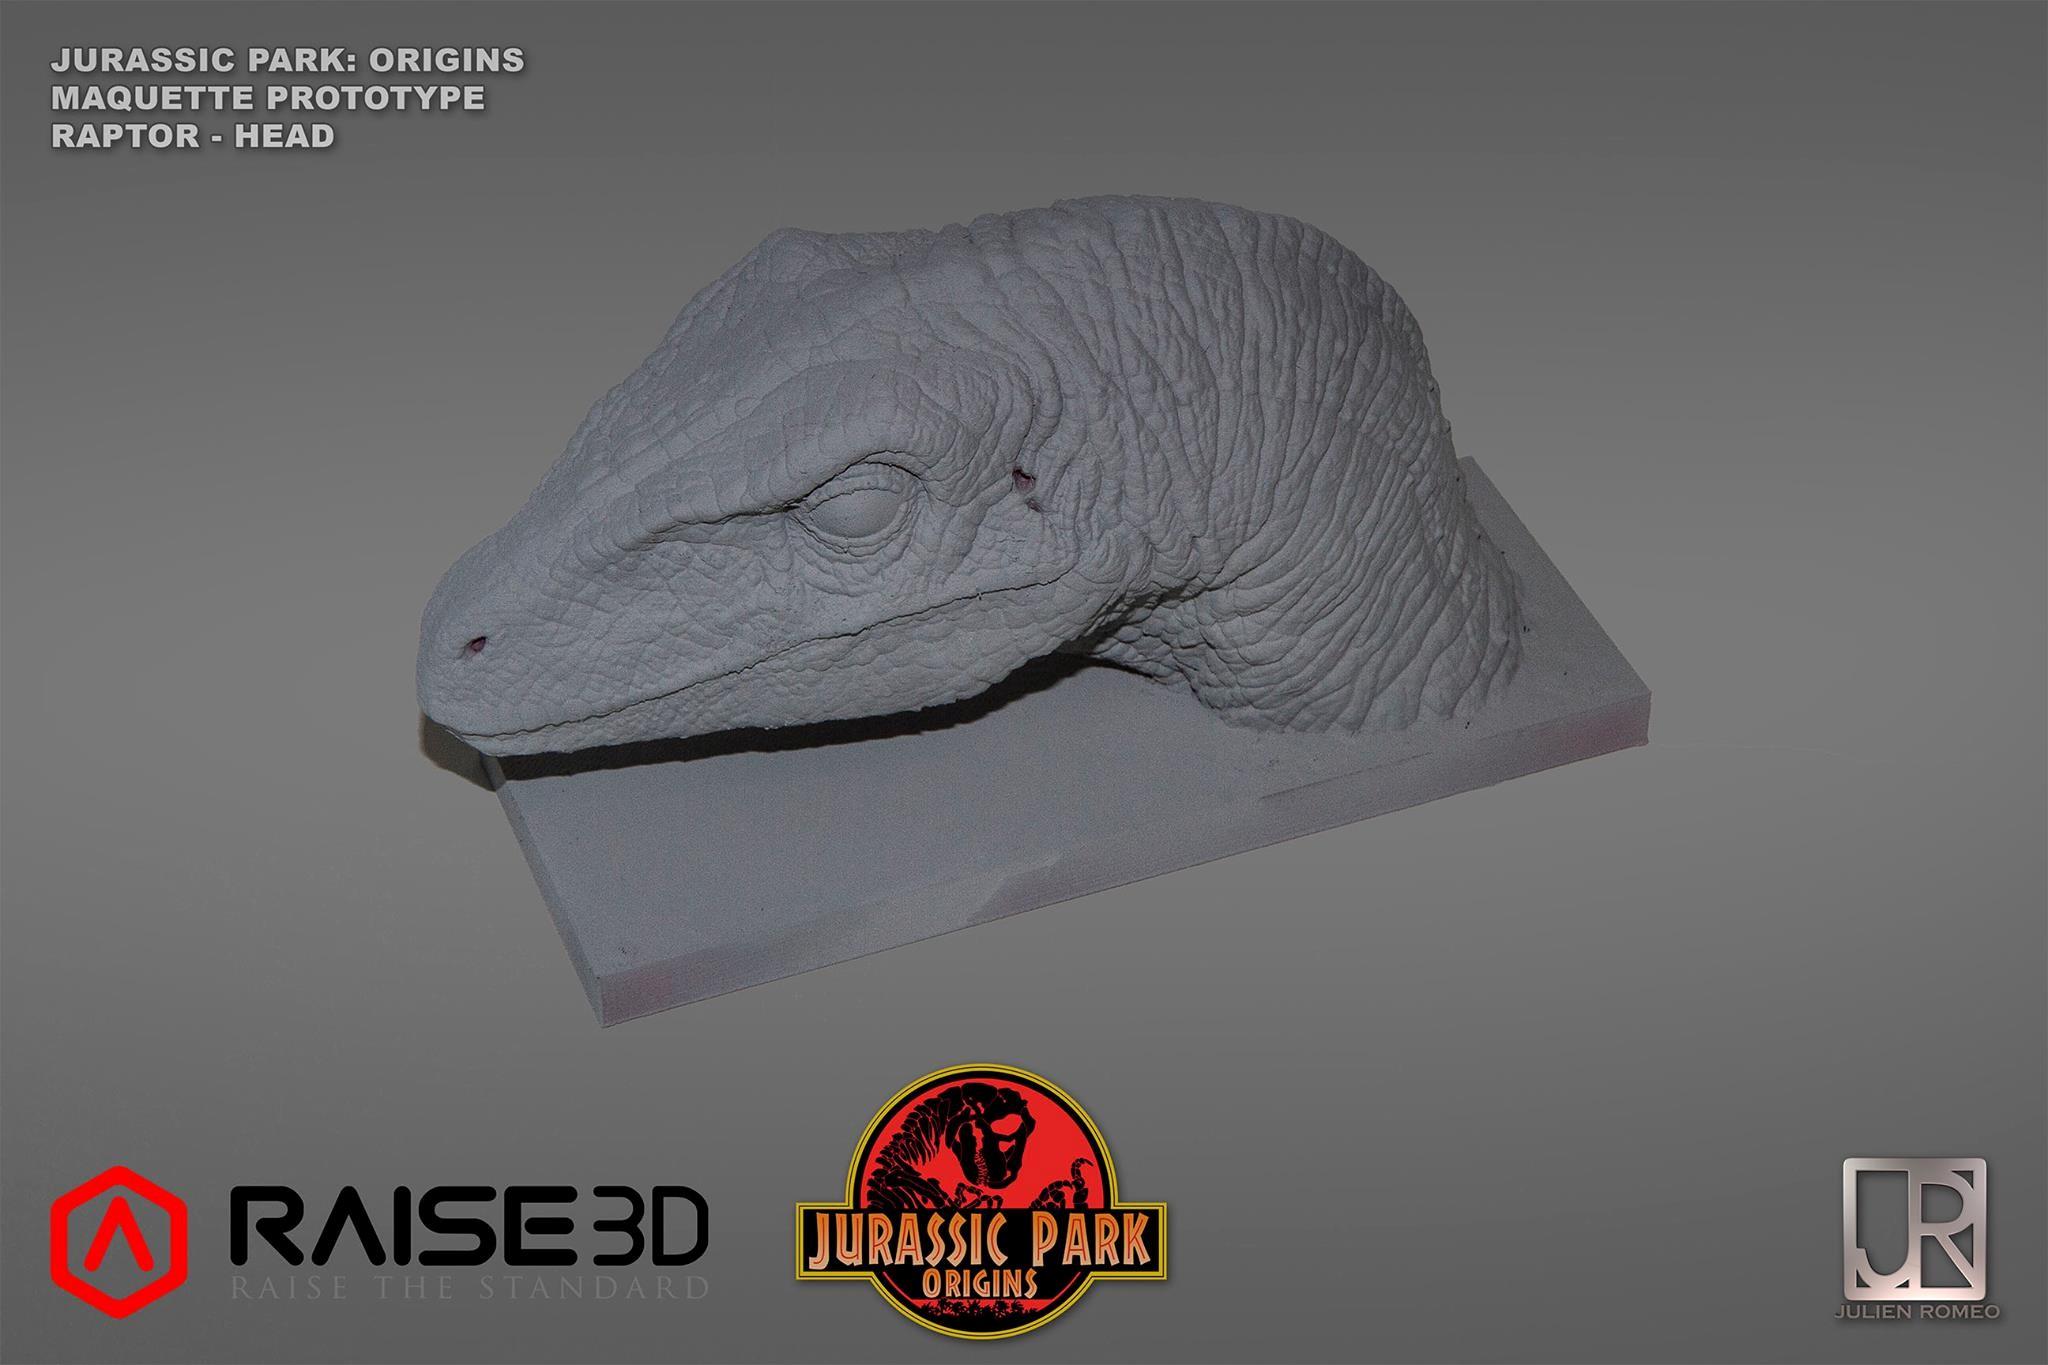 Raise3D: применение 3D принтеров в кино - 7